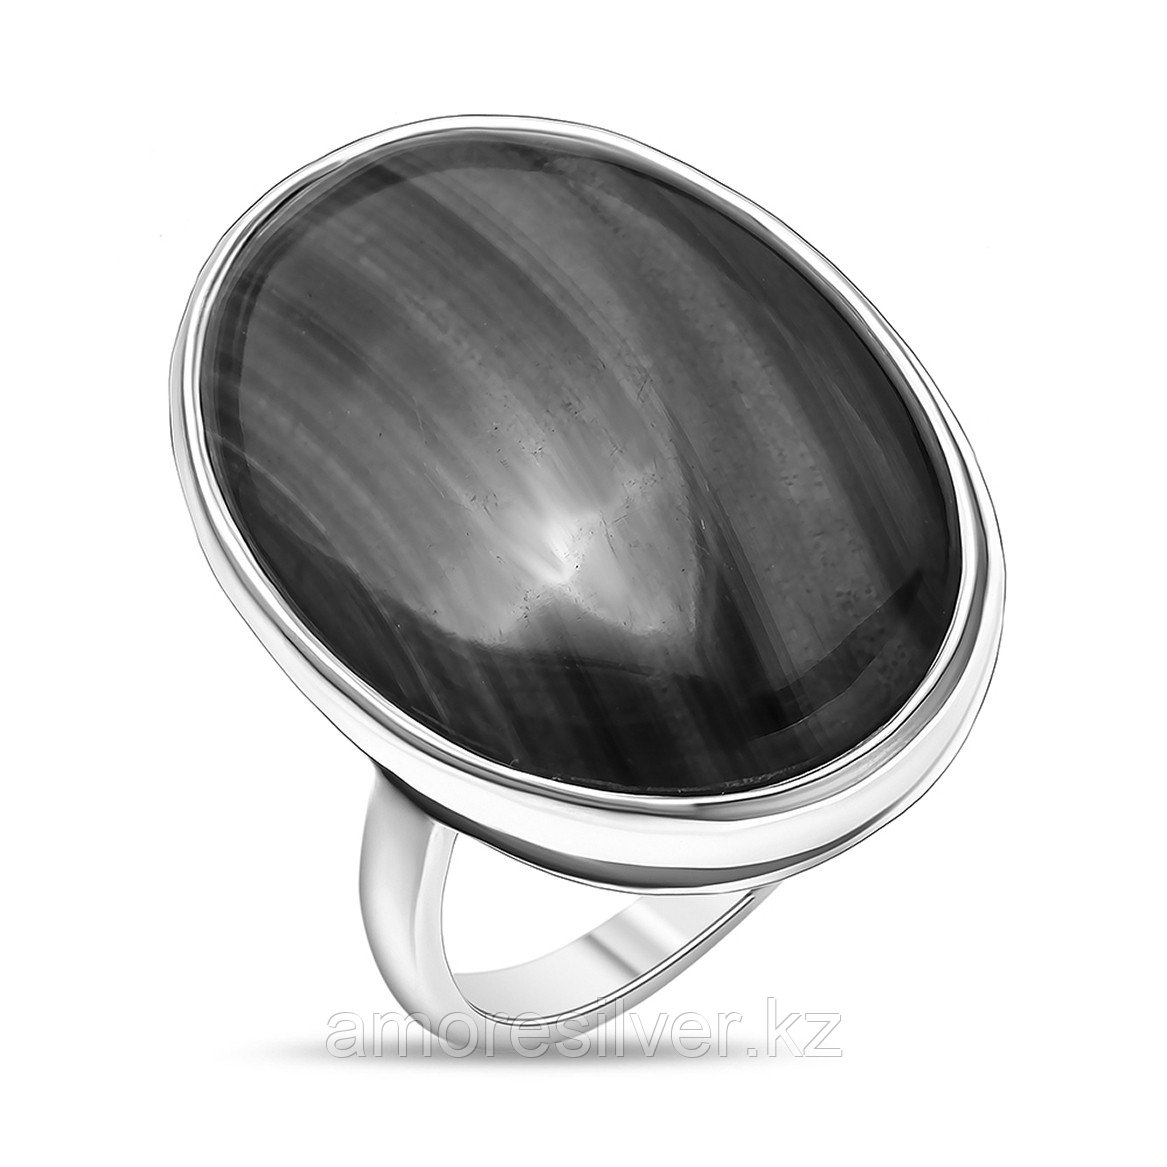 Кольцо Невский серебро с родием, малахит, овал 13160АР размеры - 18 19